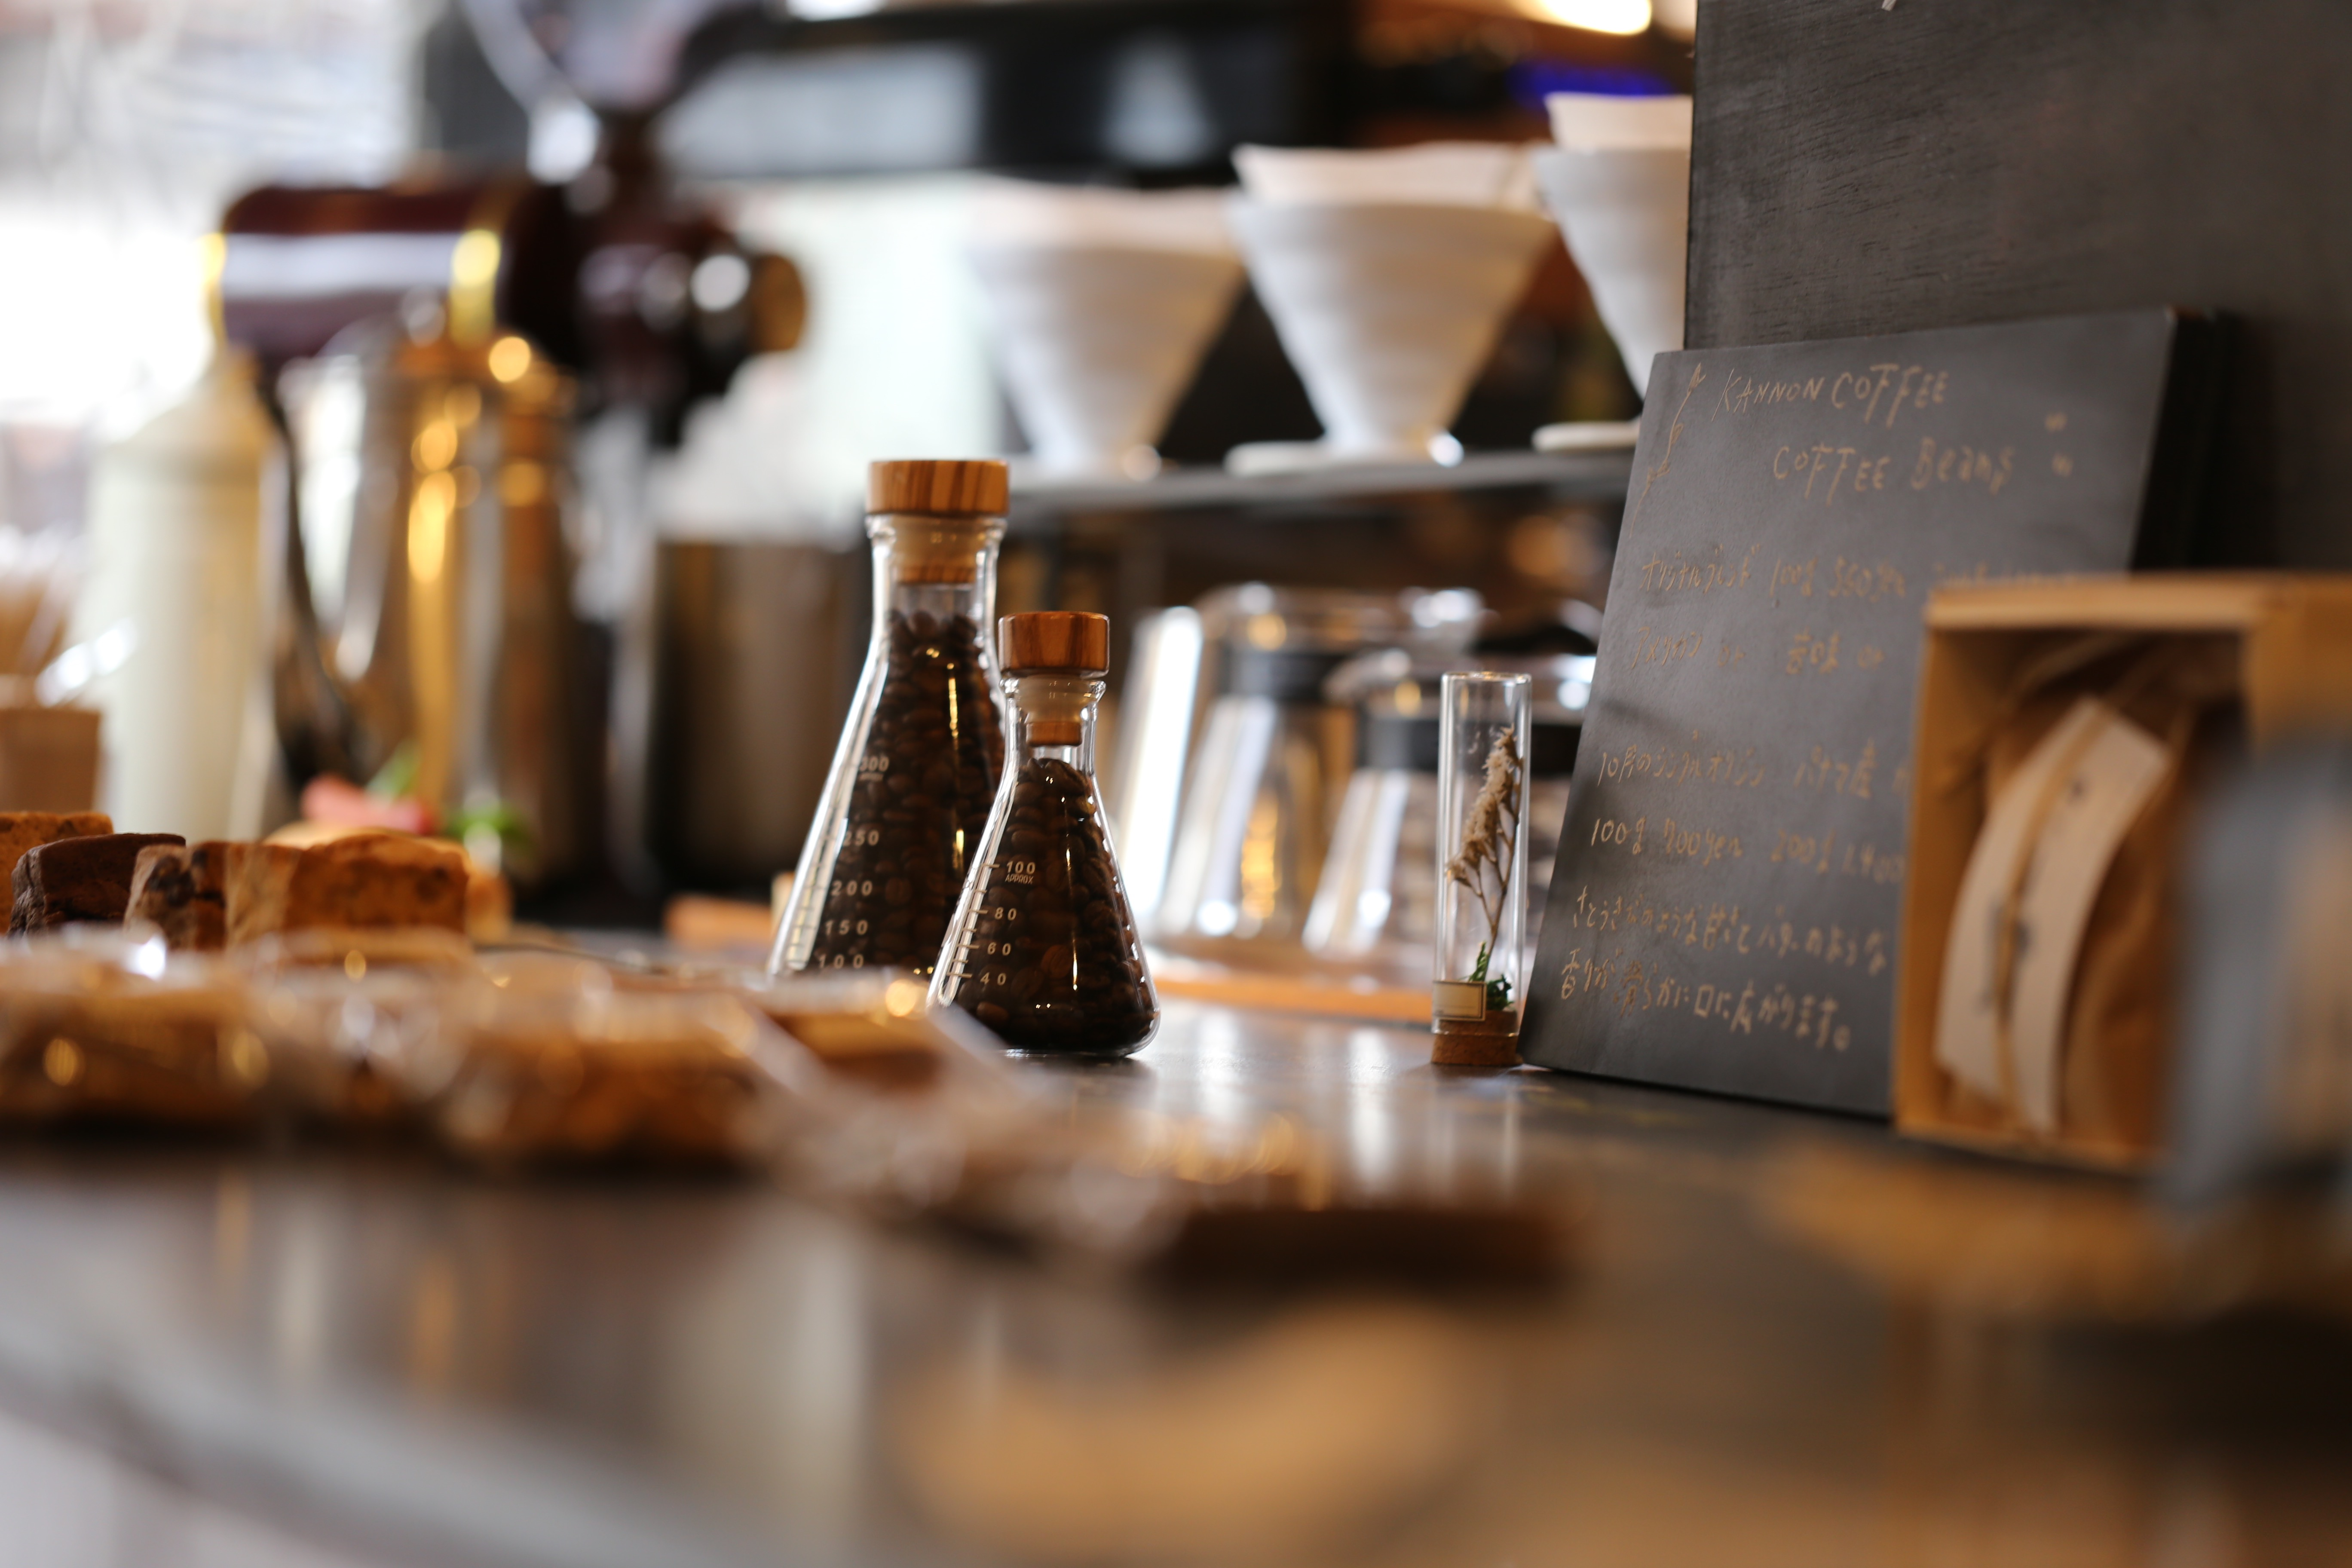 【移転】大須コーヒー専門店KANNONCOFFEE(カンノンコーヒー)はフォトスポットもあって映える